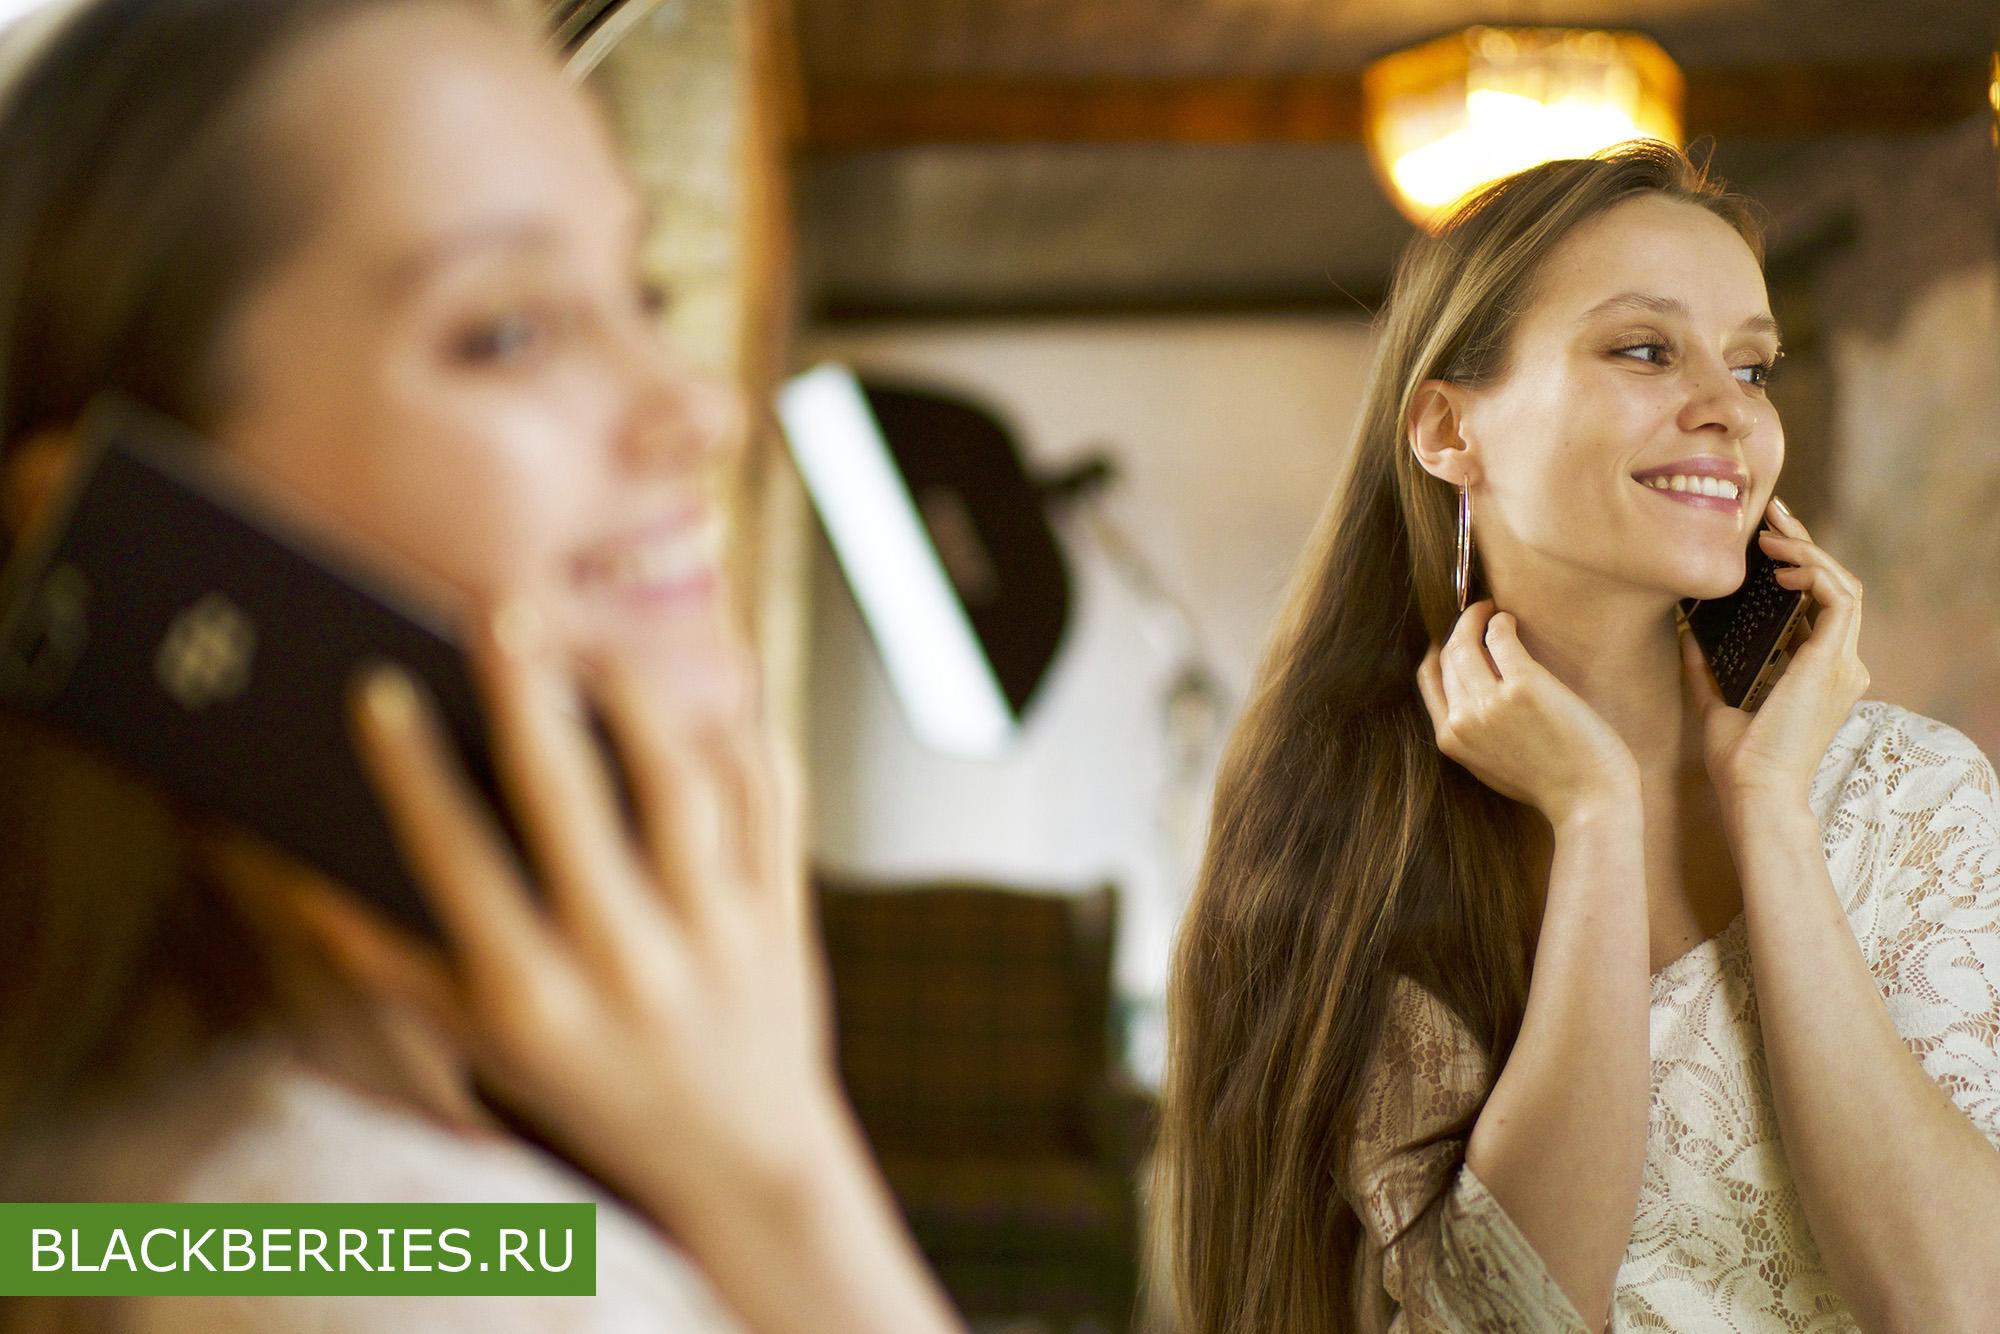 Девушка с чарующей улыбкой, русский секс с деканом